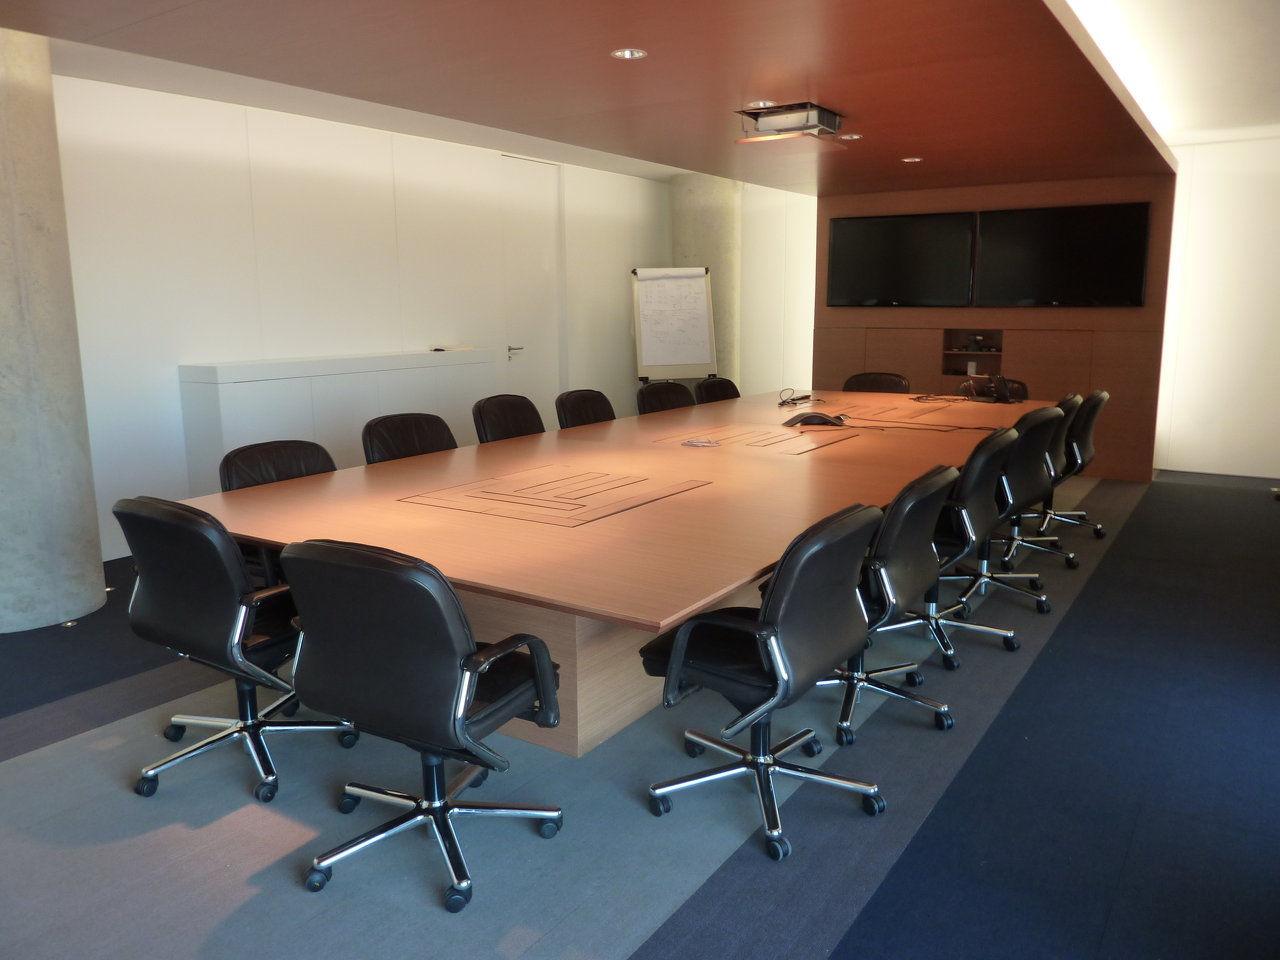 Mesas daimesa muebles a medida y mesas de madera en for Mesa de reuniones